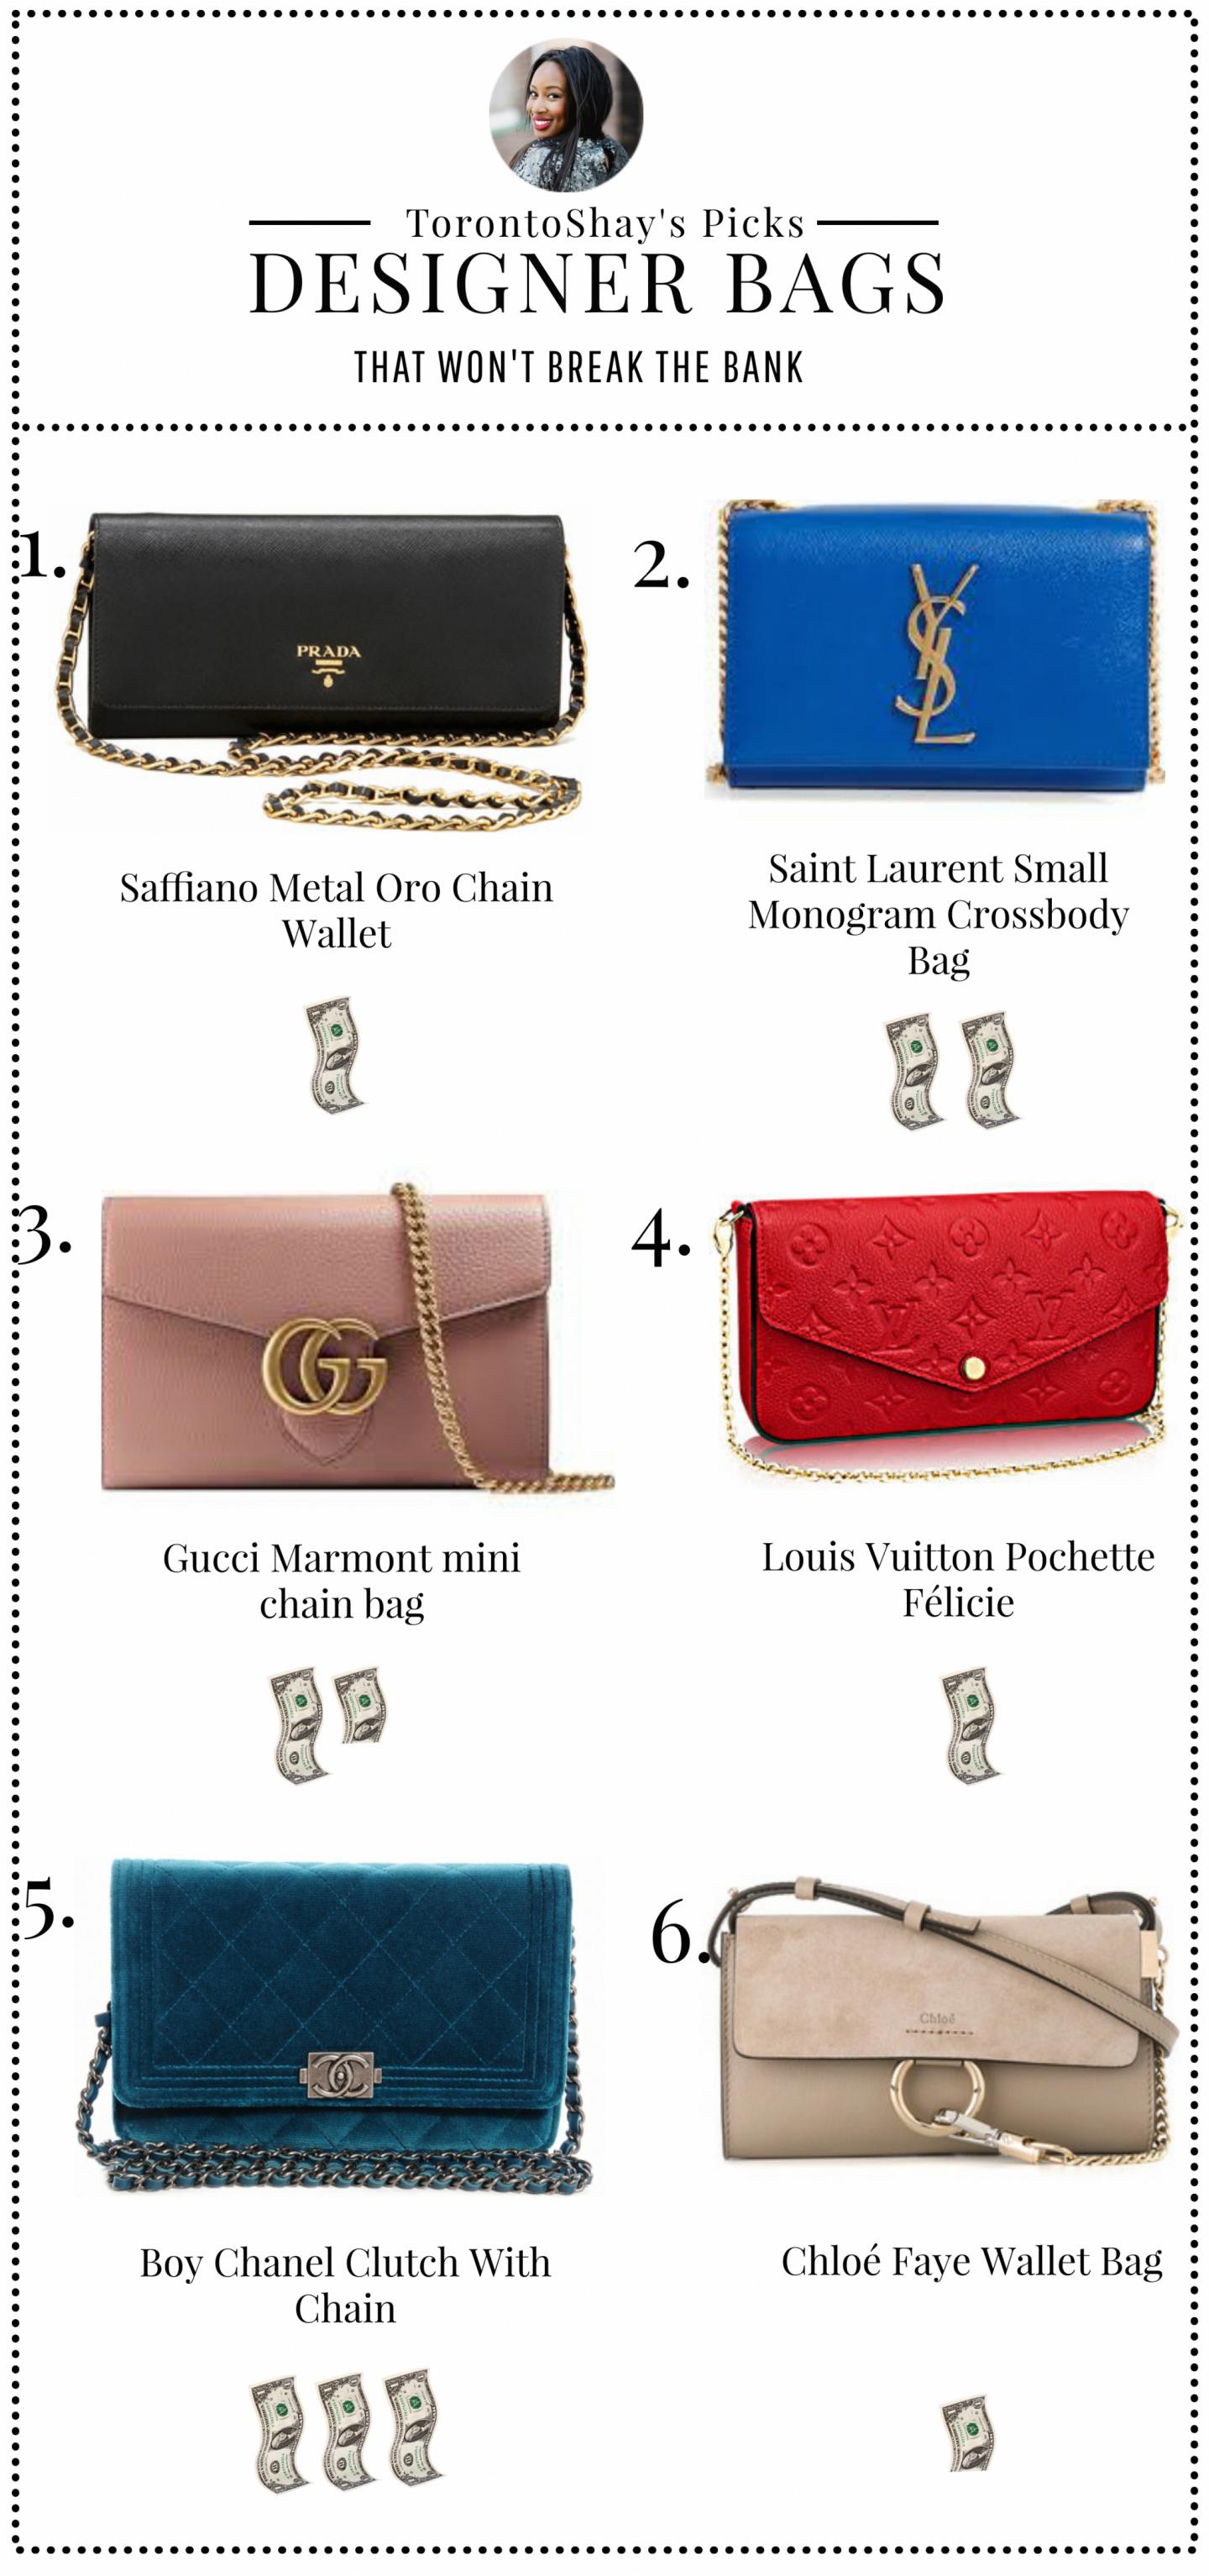 bb79b08d31db Affordable luxury handbags